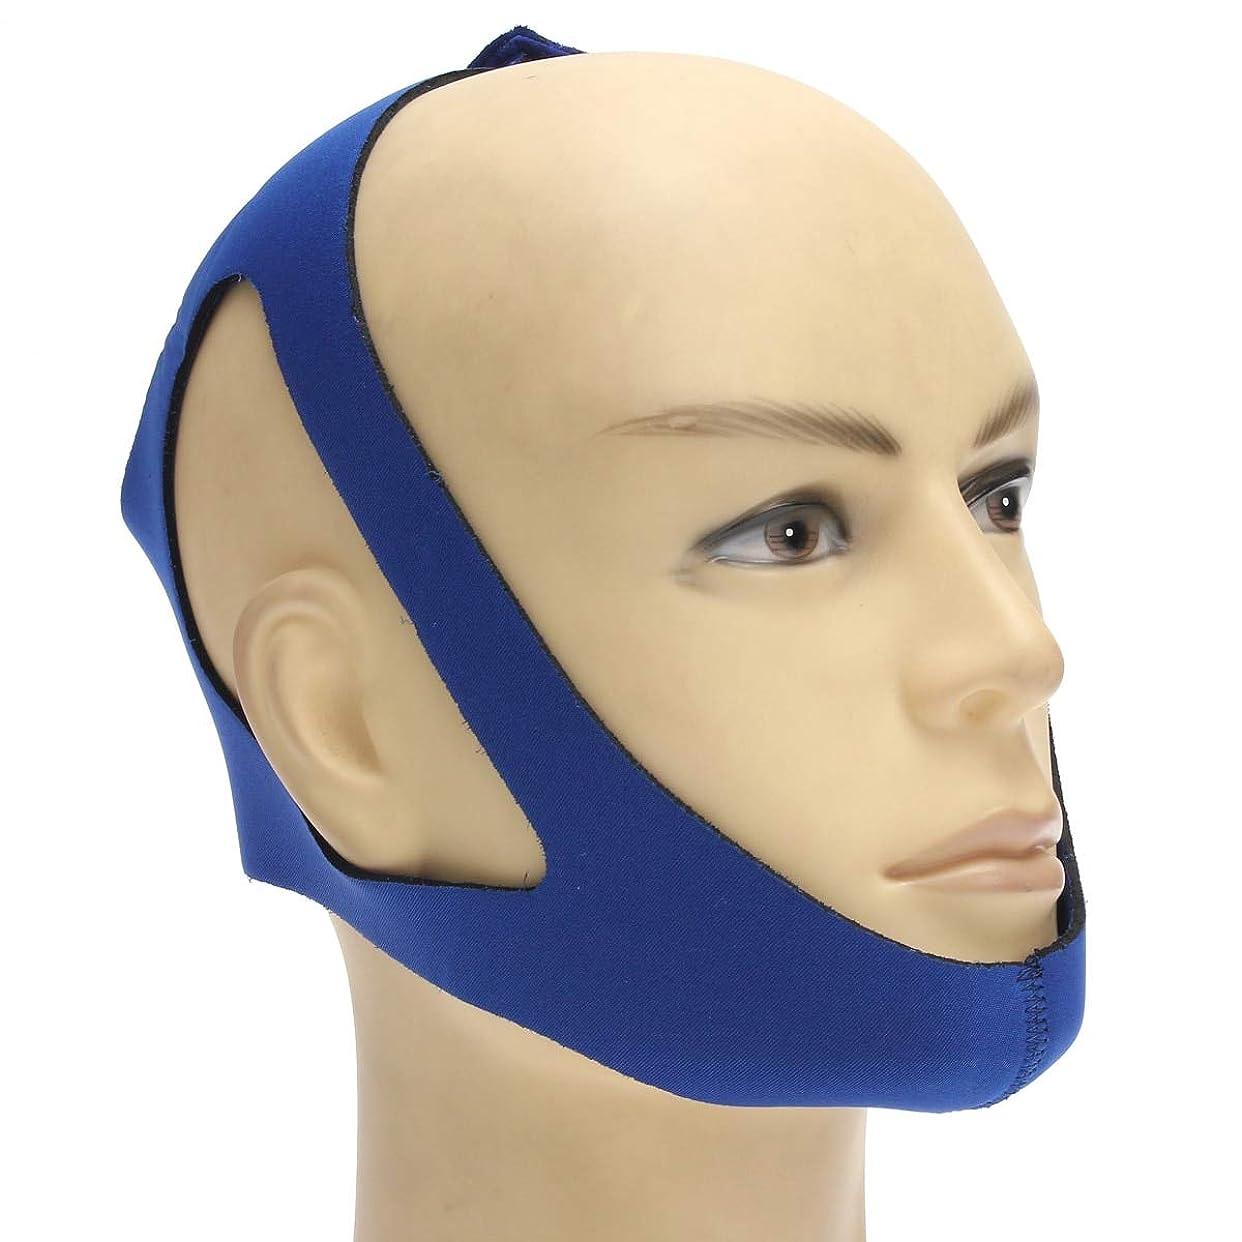 センサー週末章NOTE 抗いびきヘッドバンドいびきベルト停止いびき顎サポートストラップブレースデバイス睡眠マスクヘルスケア睡眠ツール用女性男